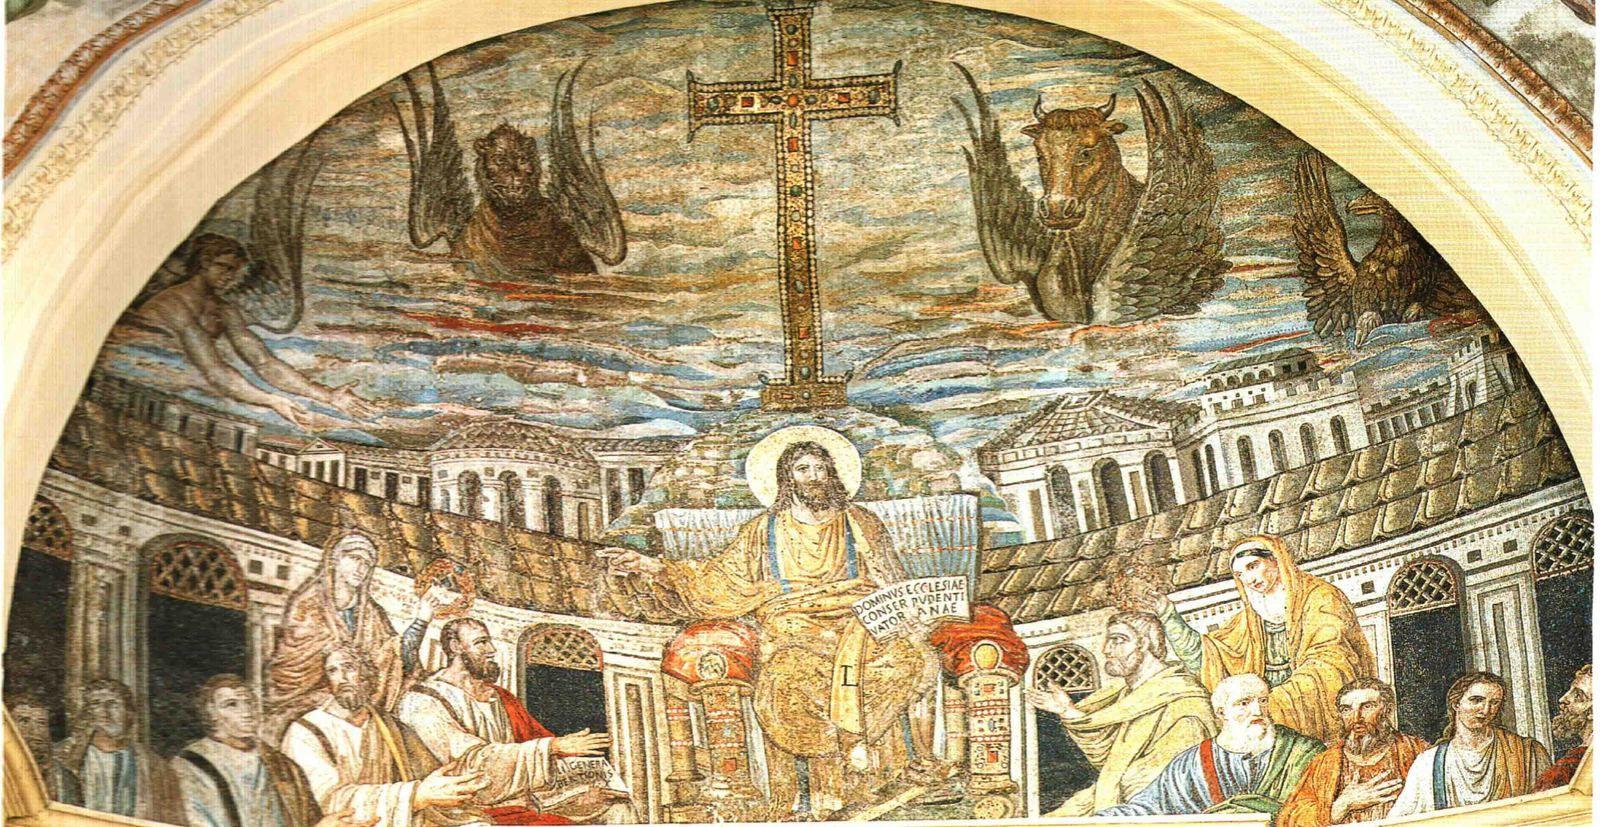 Regard sur les mosaïques du 1er art chrétien à Rome du IVe au VIe siècle